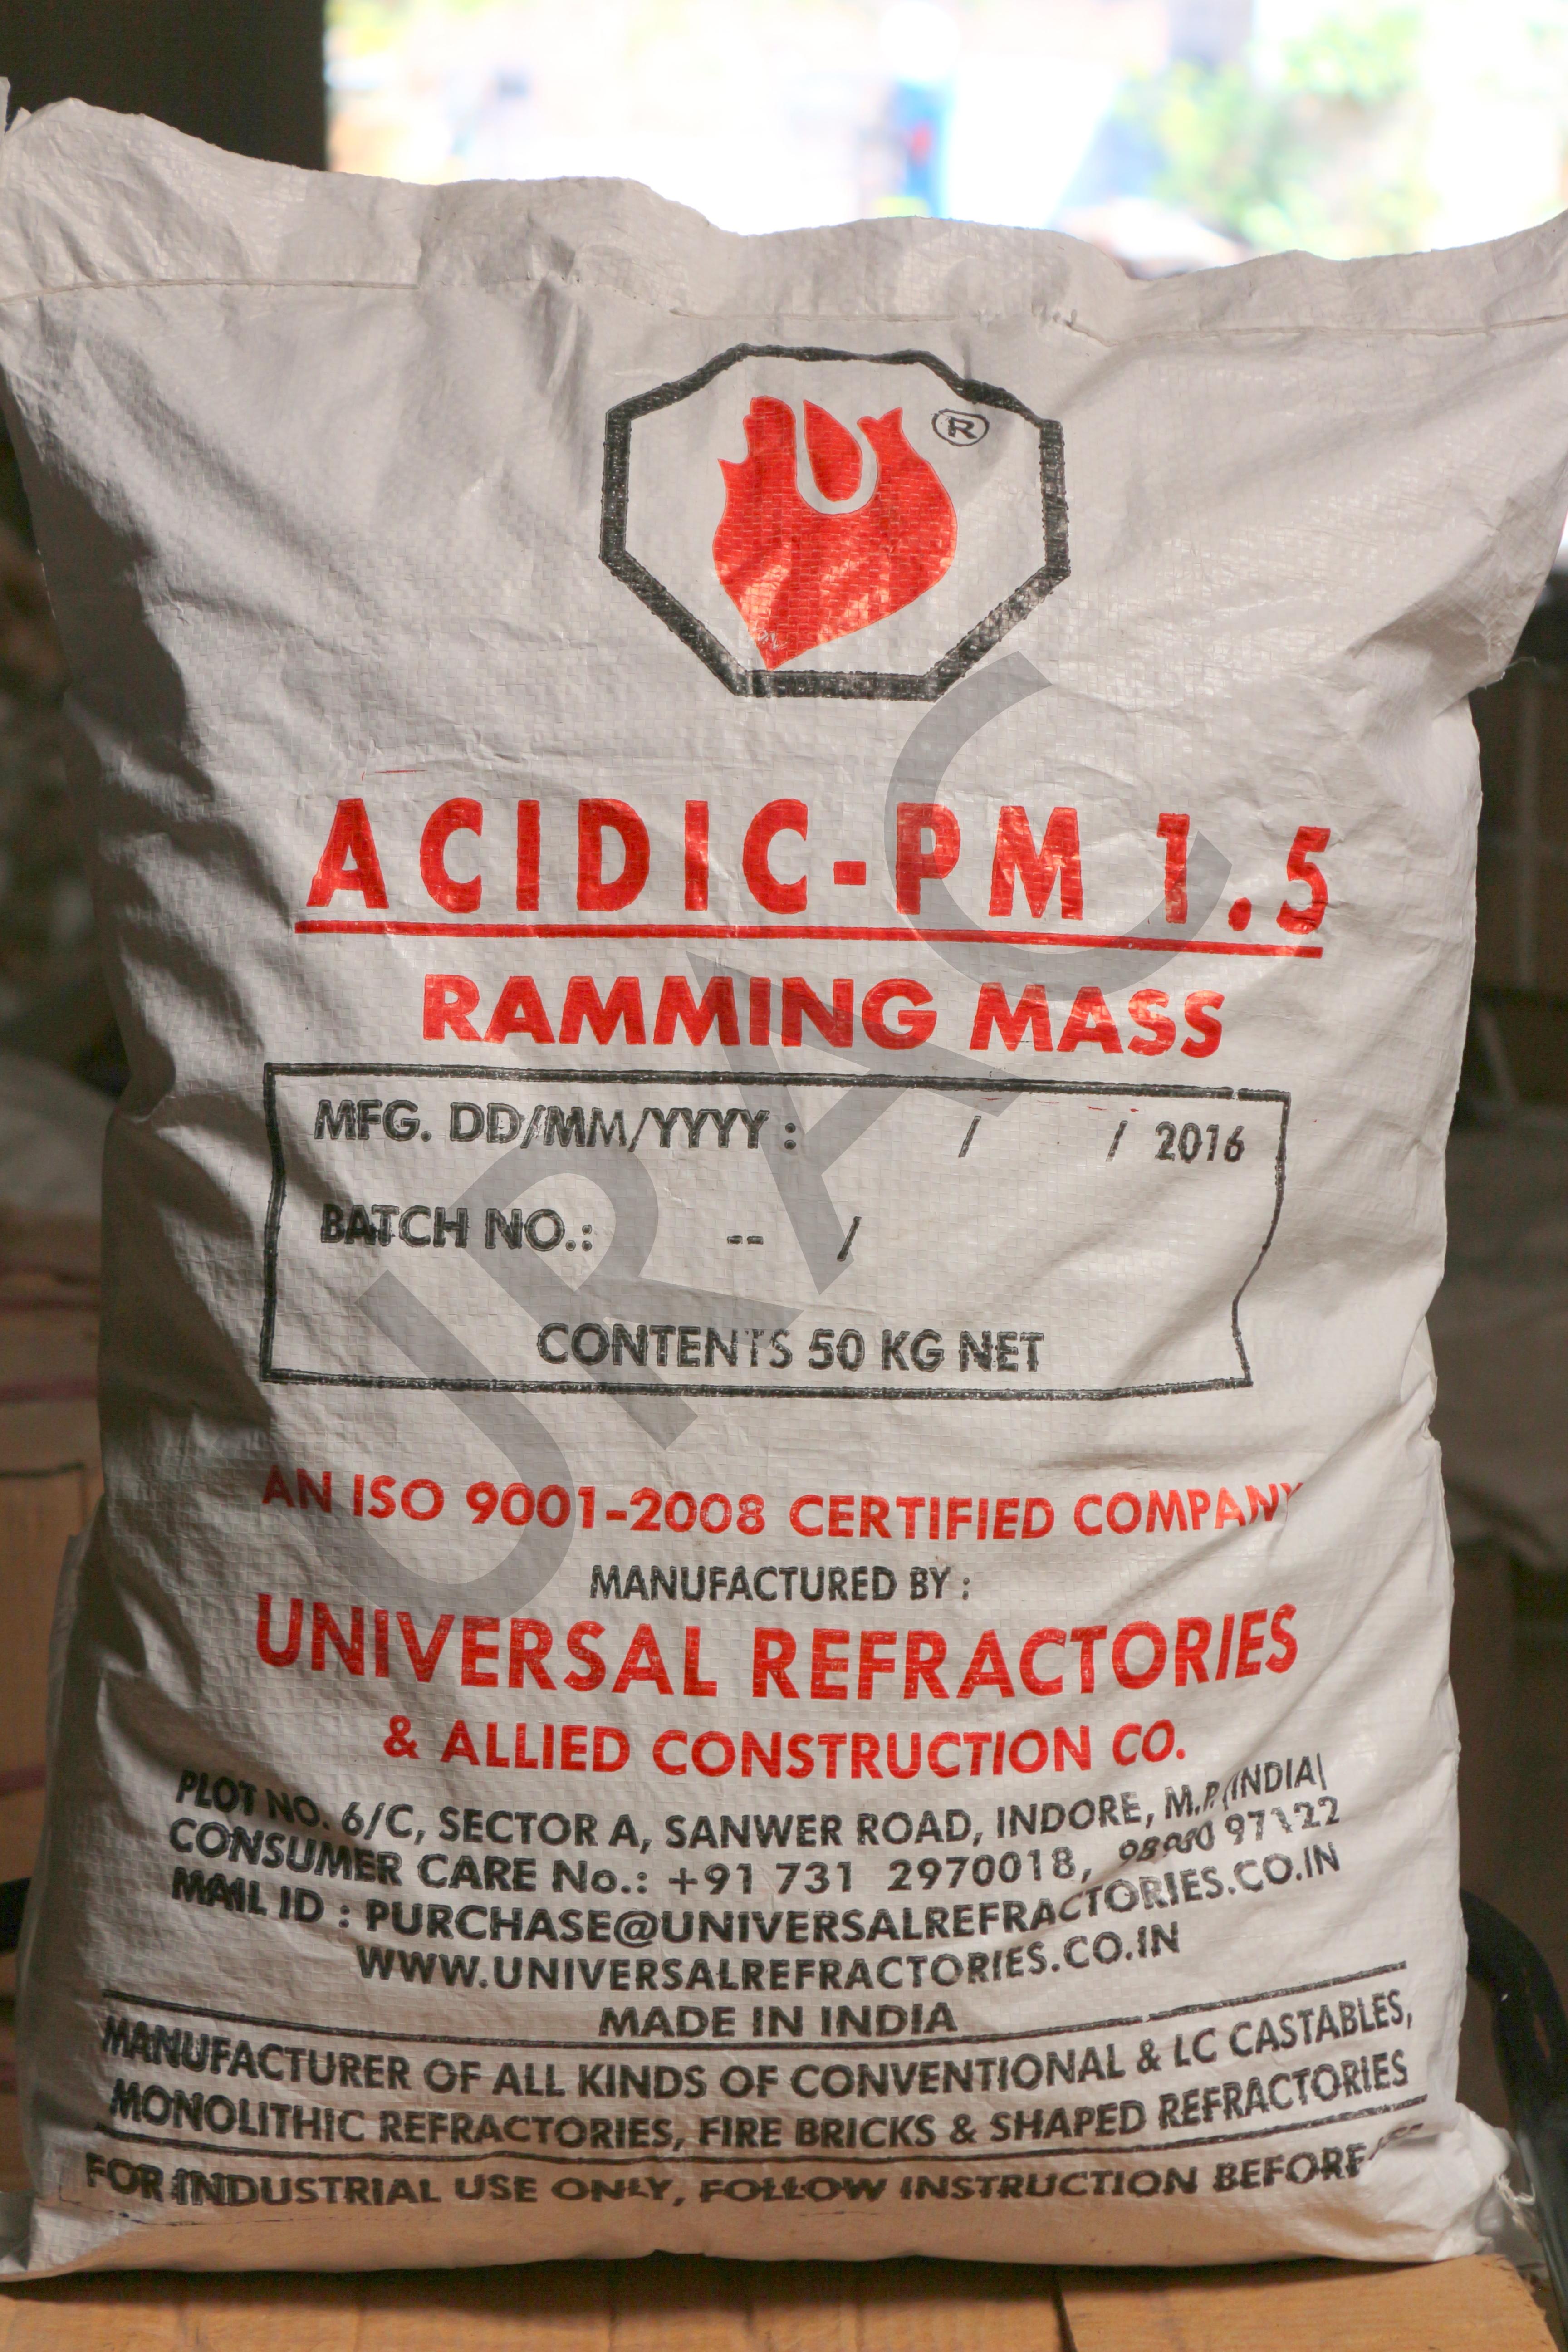 Acidic Ramming Mass